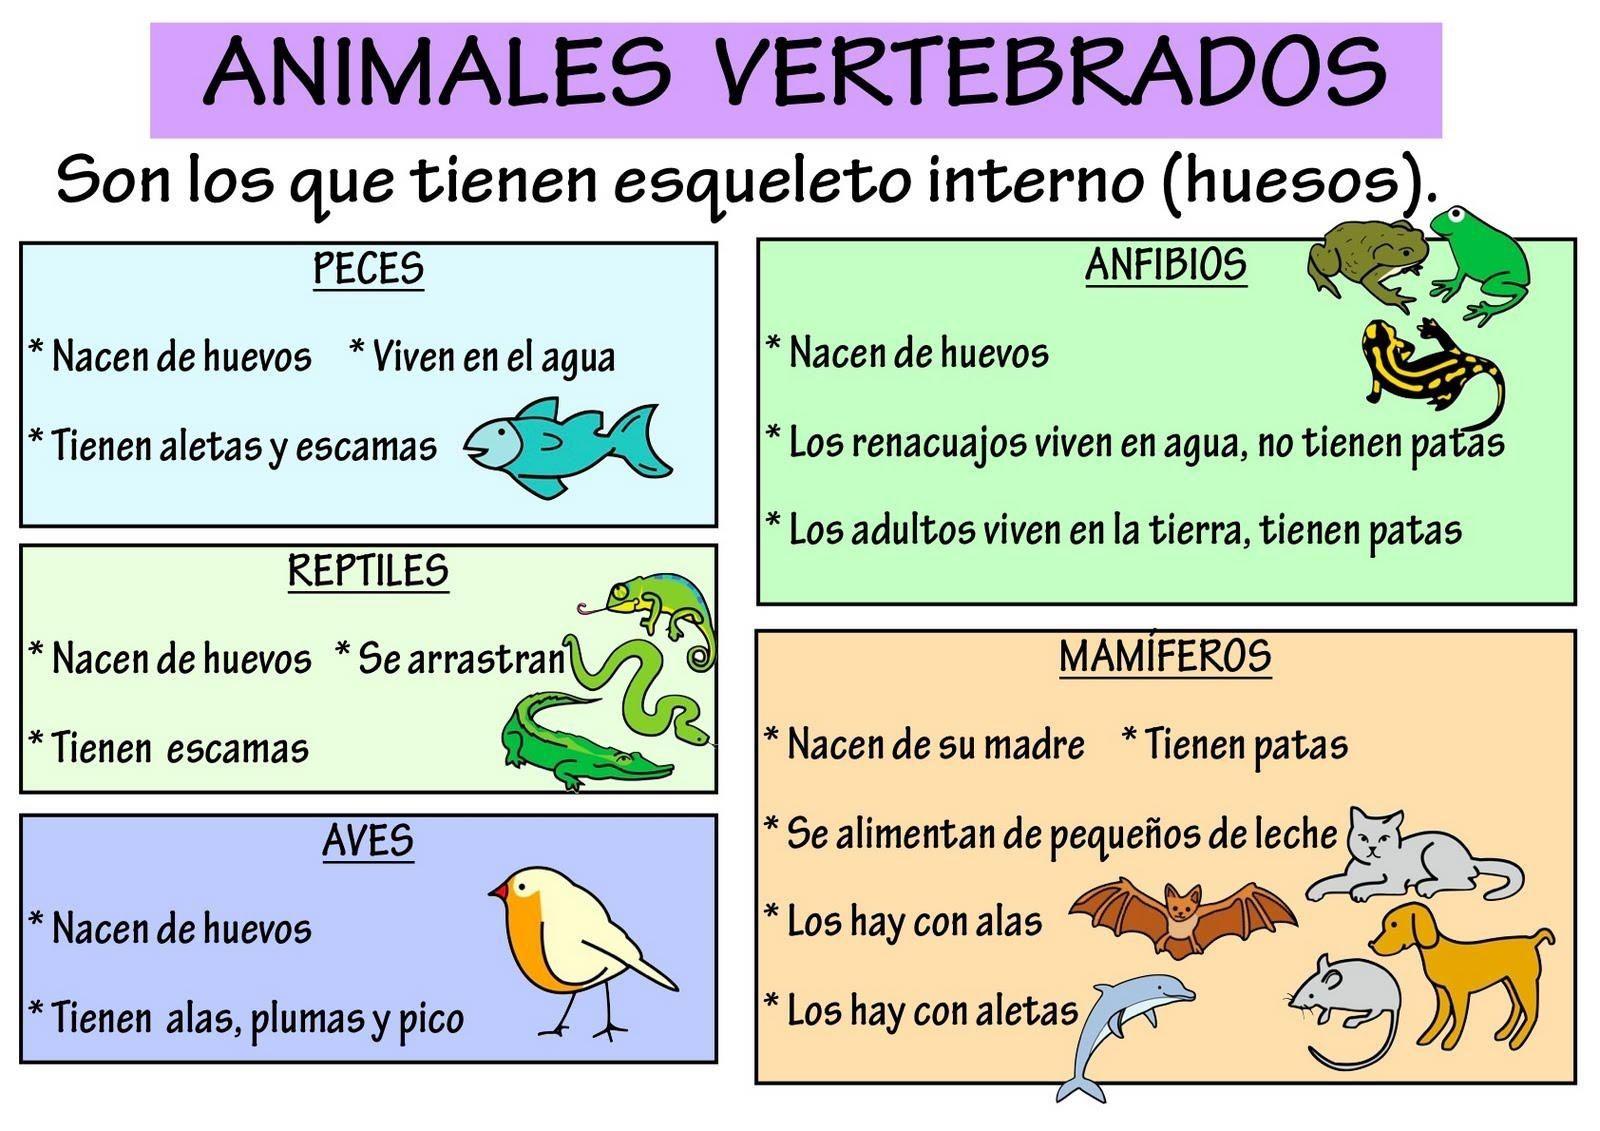 Vertebrados Vertebrados Vertebrados E Invertebrados Animales Vertebrados